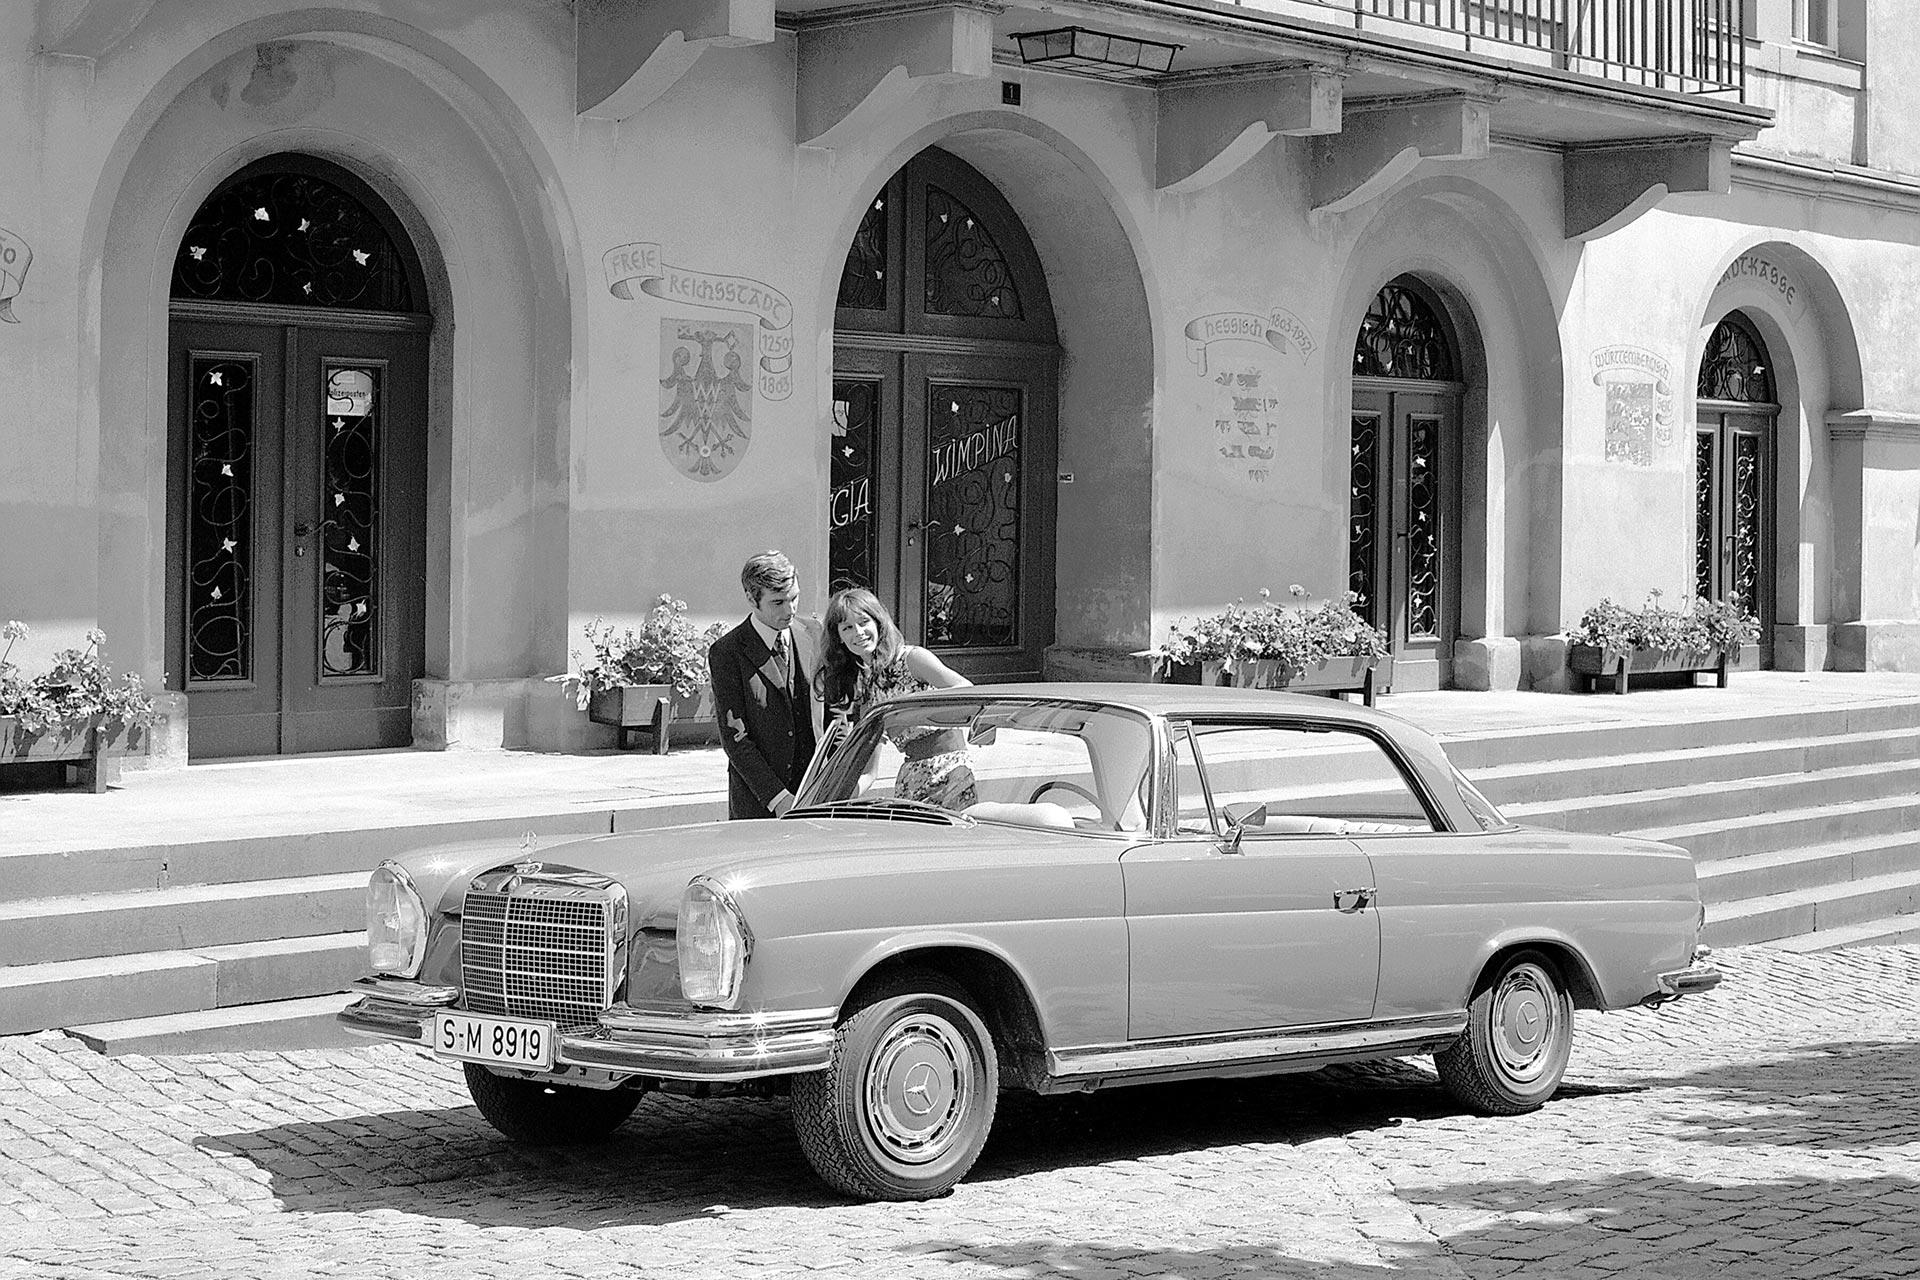 Mercedes-Benz 220 SE Coupé (W 111). Das Fahrzeug wird im Jahr 1961 auf dem Auto-Salon Genf der Öffentlichkeit präsentiert. Das Foto zeigt ein 280 SE 3.5 Coupé mit Achtzylindermotor aus dem Jahr 1969.